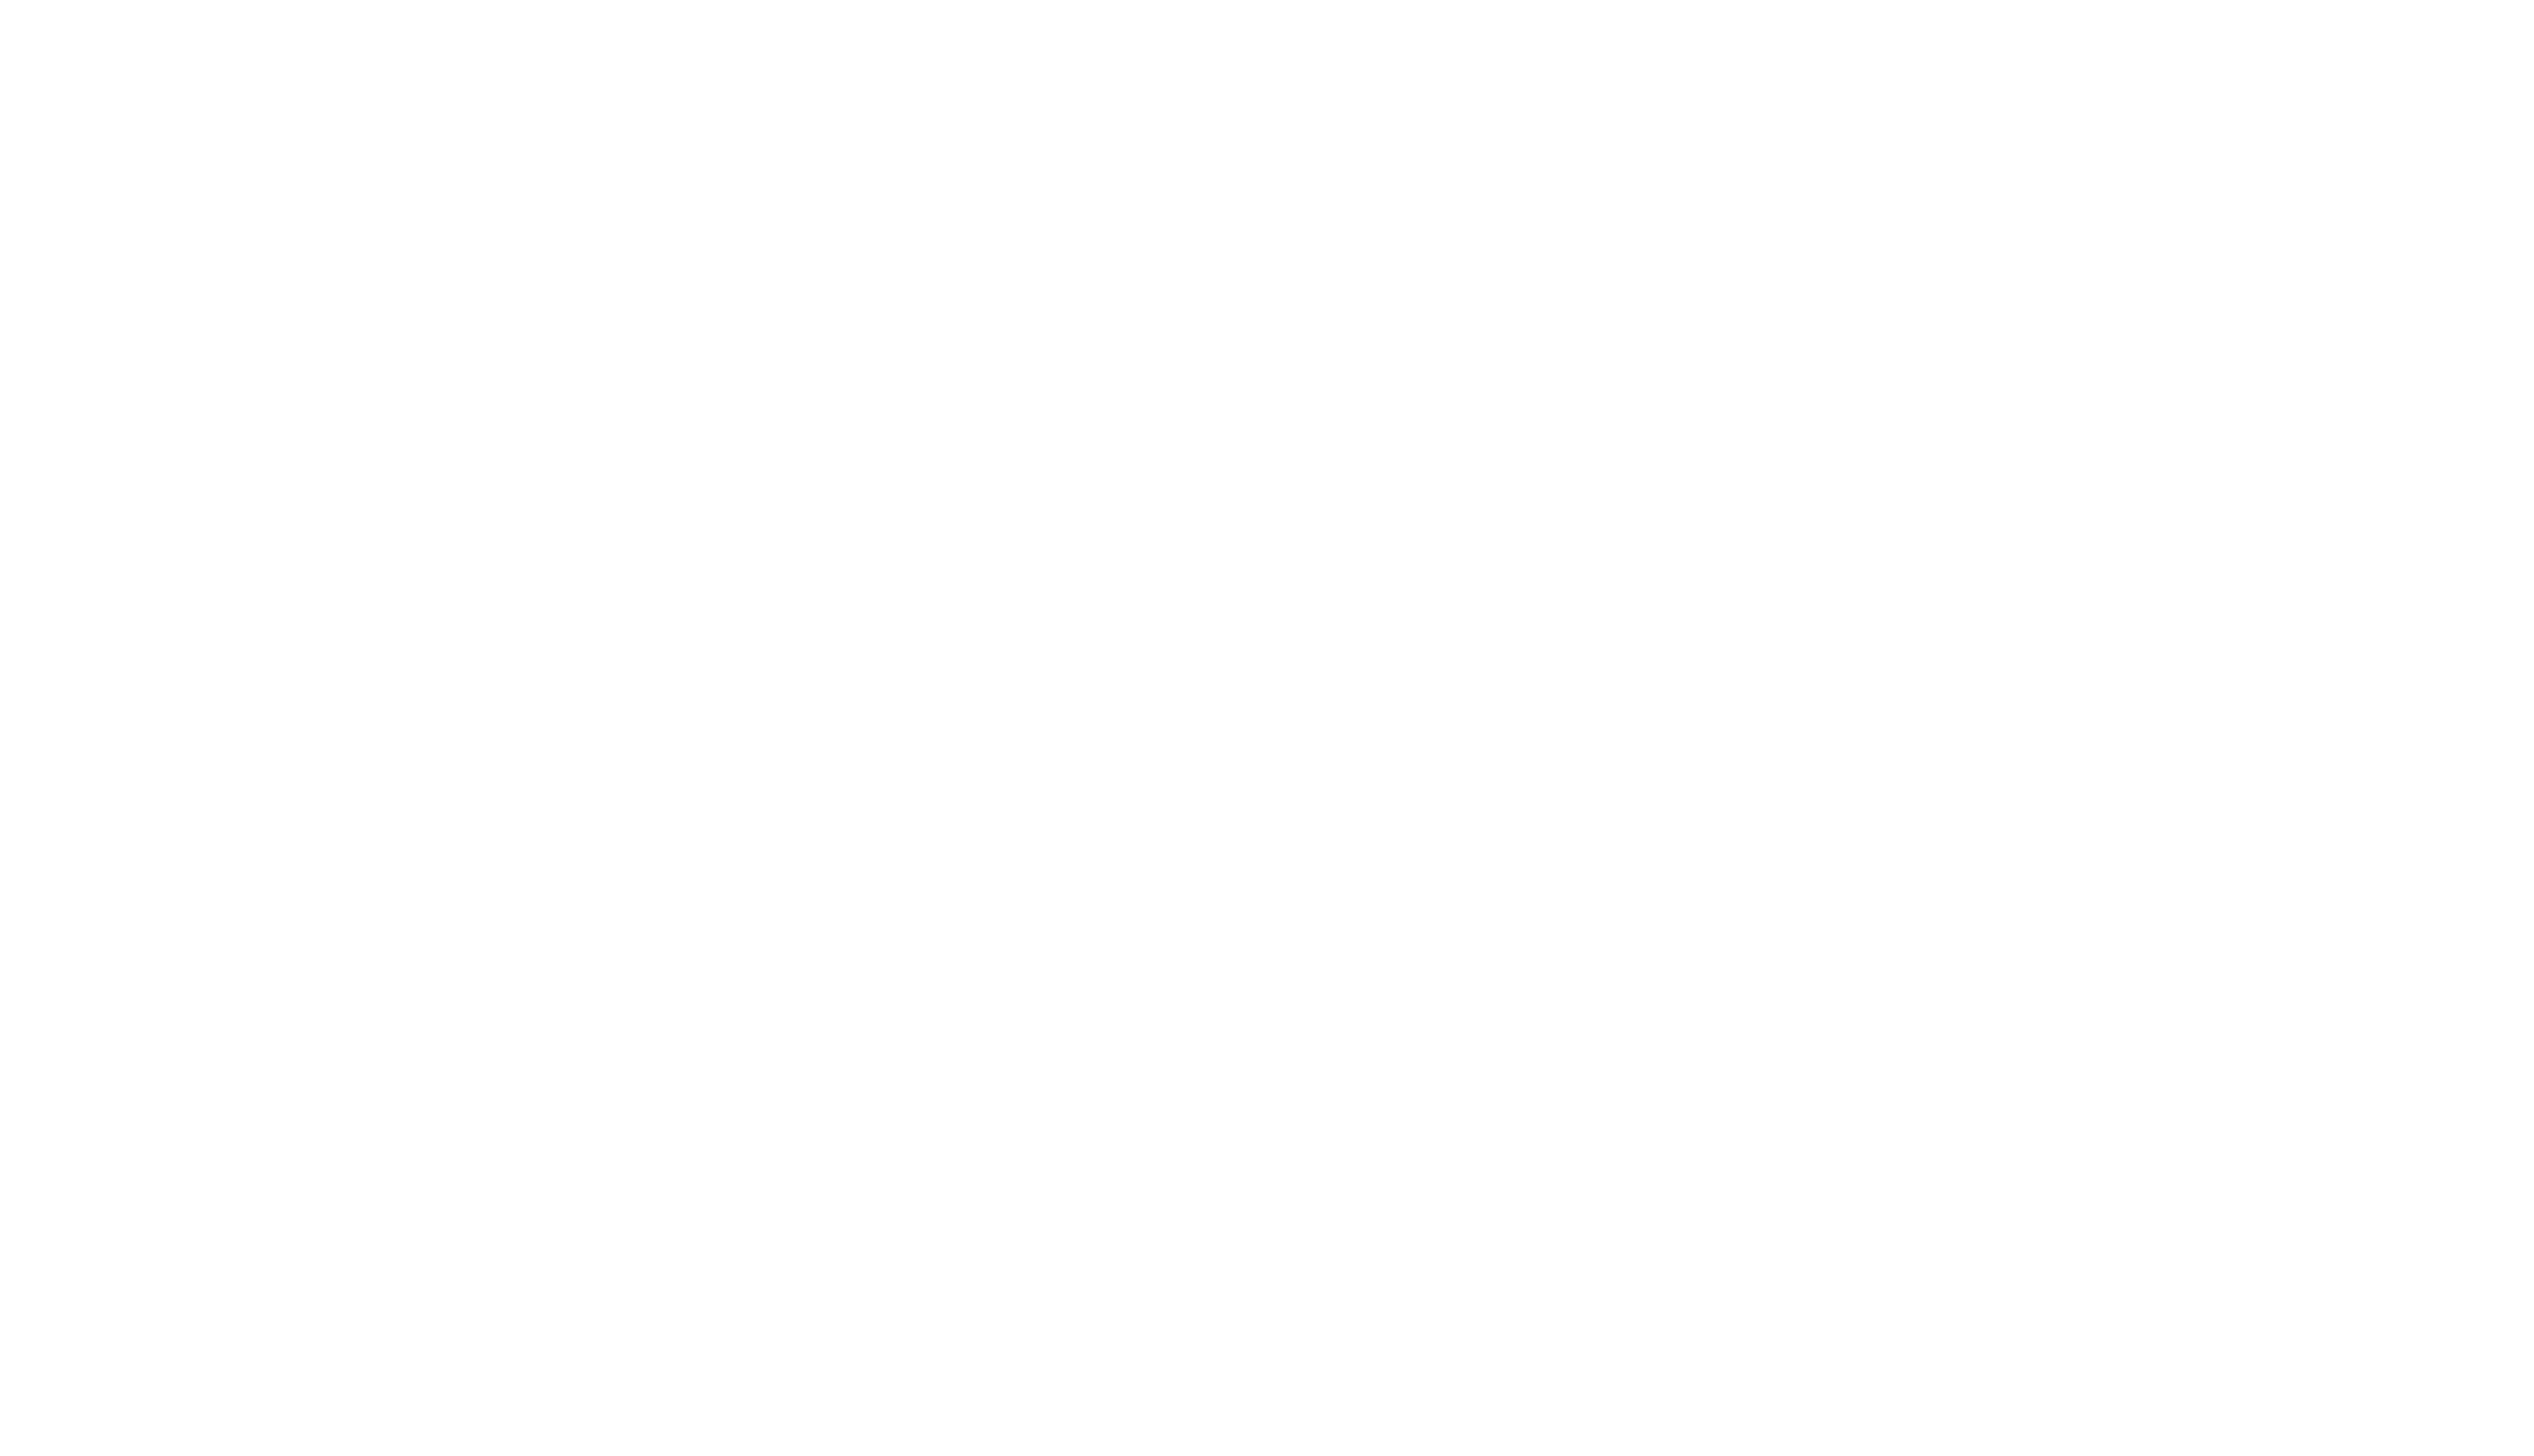 C29_LOGO-white